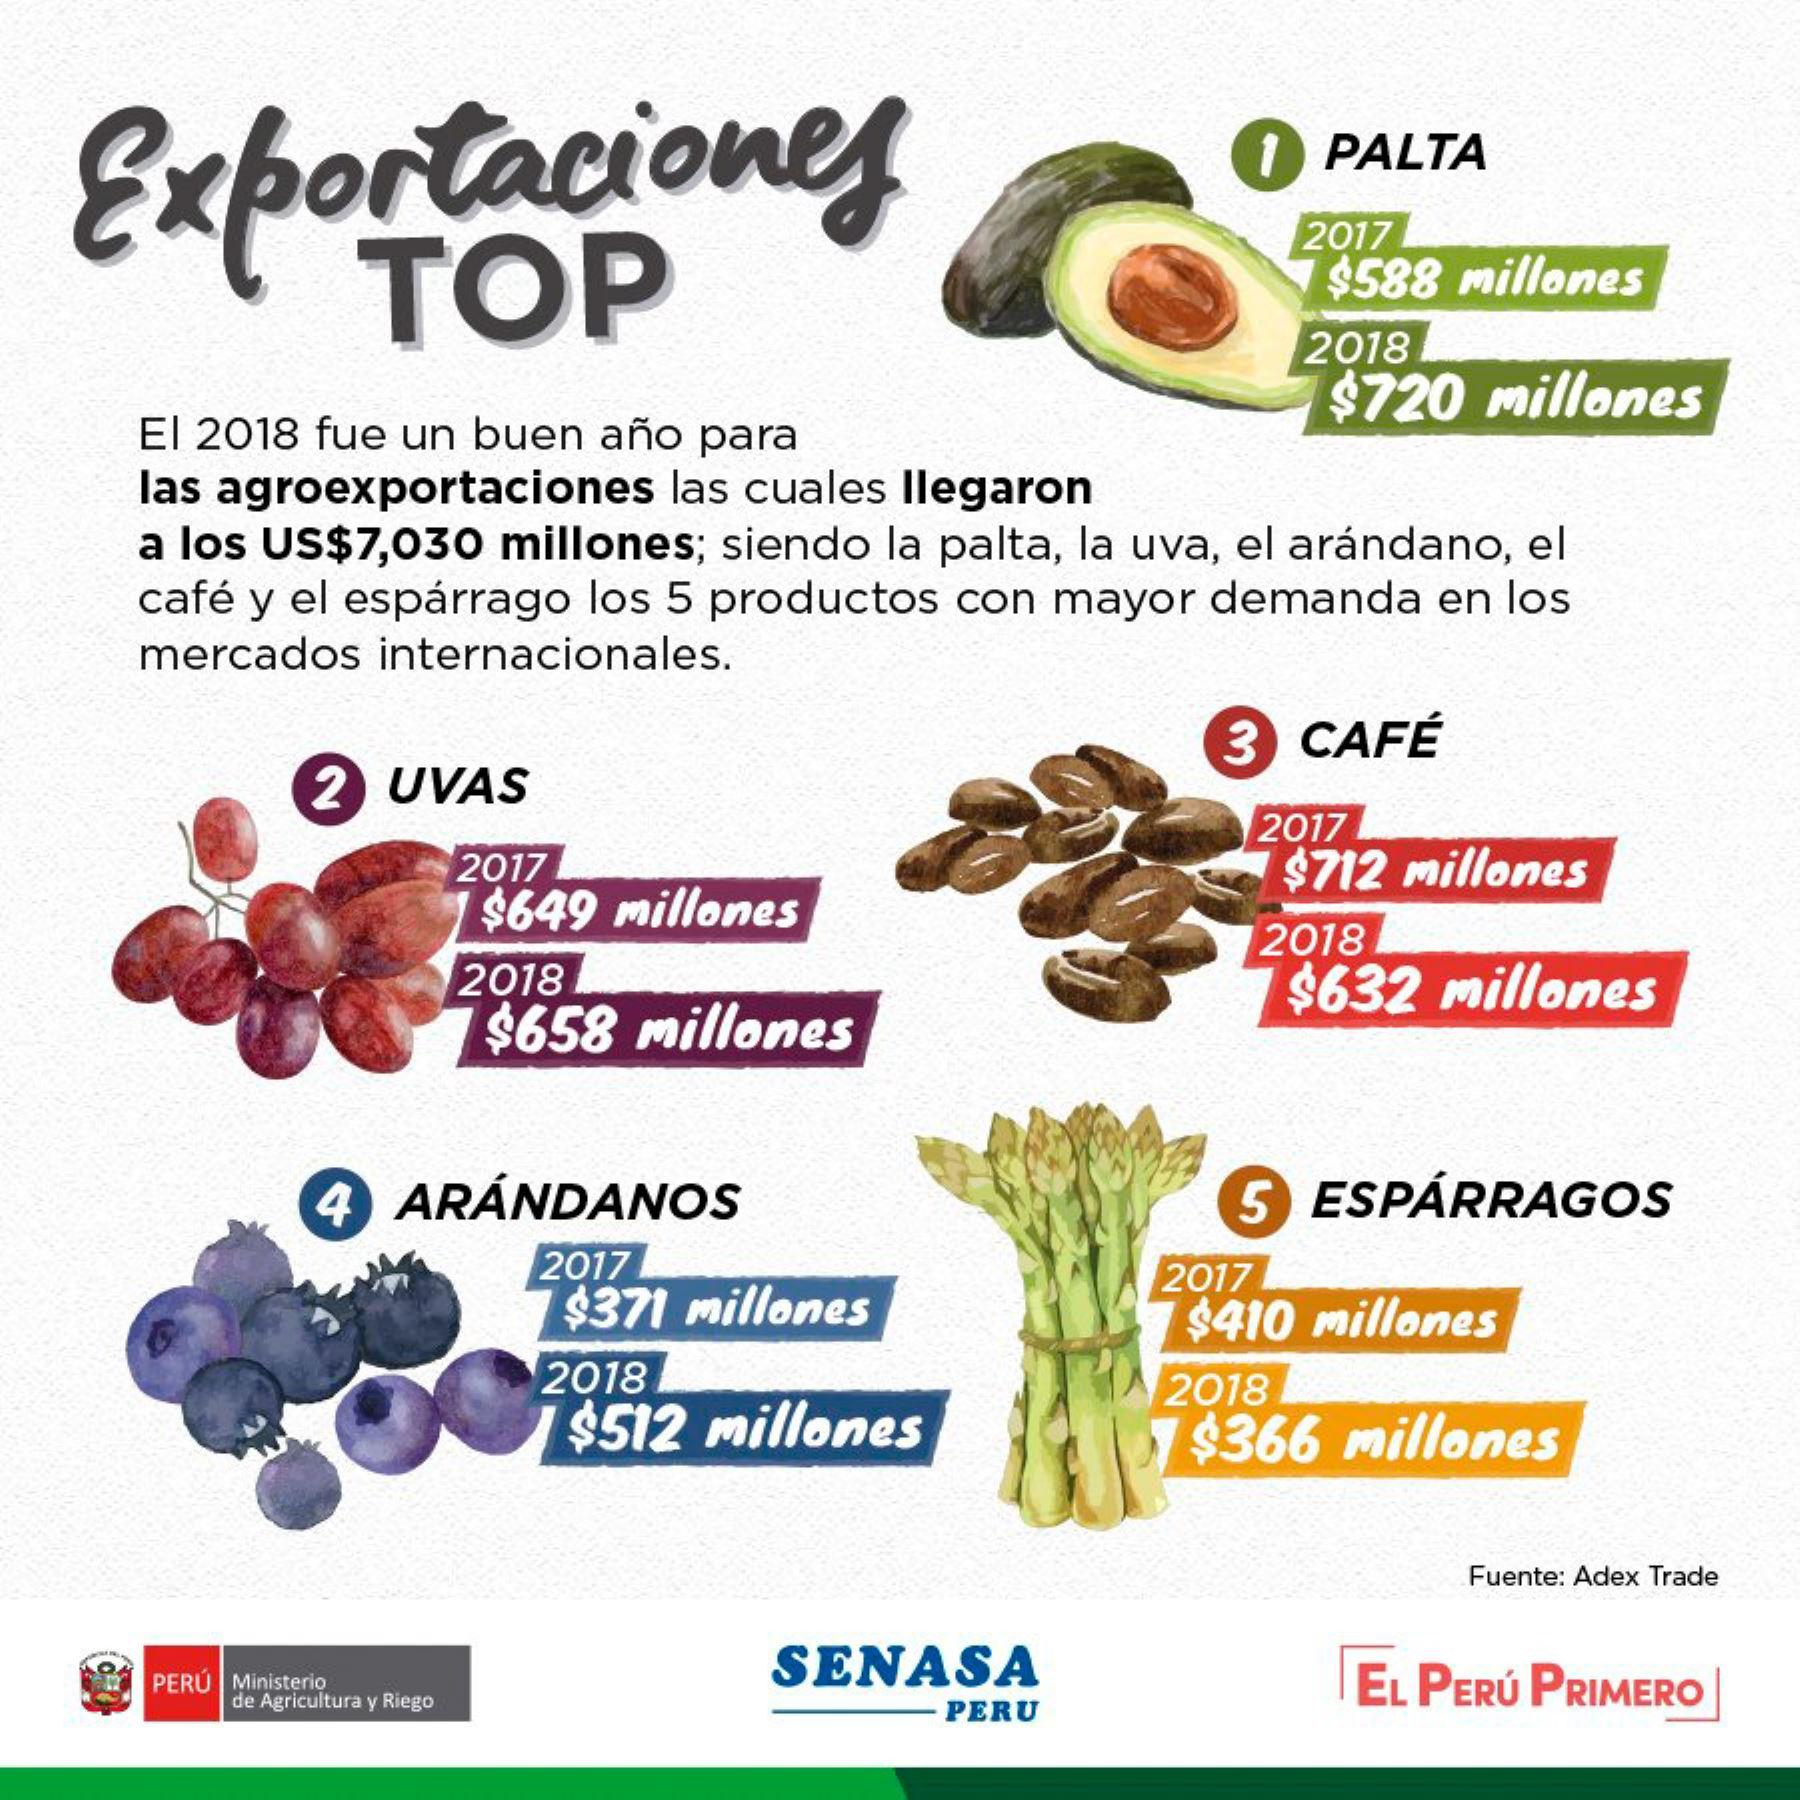 Las agroexportaciones peruanas representaron 7,030 millones de dólares americanos en 2018, siendo las paltas, uvas, café, arándanos y espárragos los cultivos de mayor demanda en los mercados internacionales, informó el Ministerio de Agricultura y Riego (Minagri).